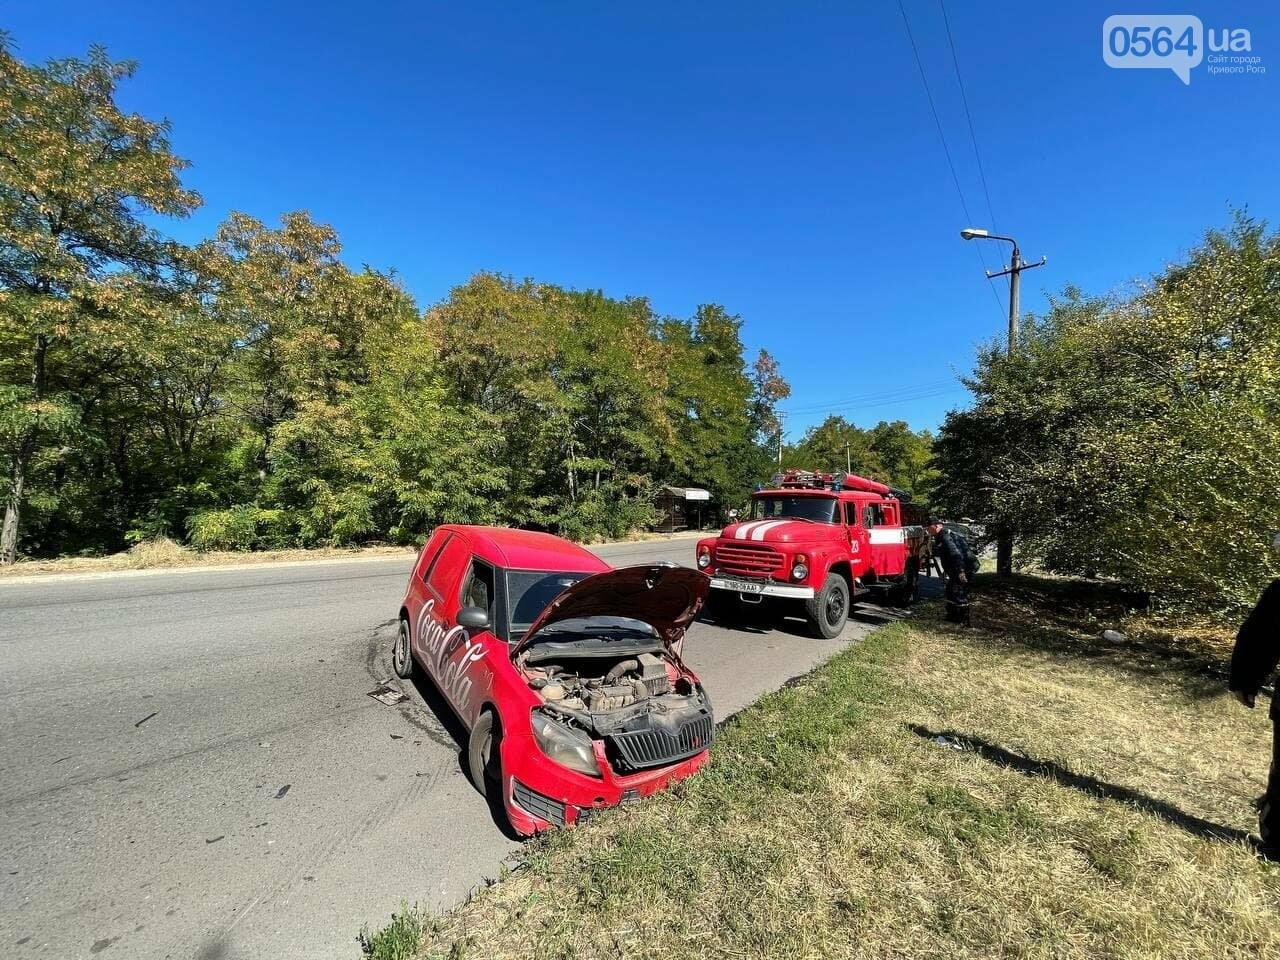 Два человека пострадали в аварии возле объездной дороги в Кривом Роге, - ФОТО, фото-5